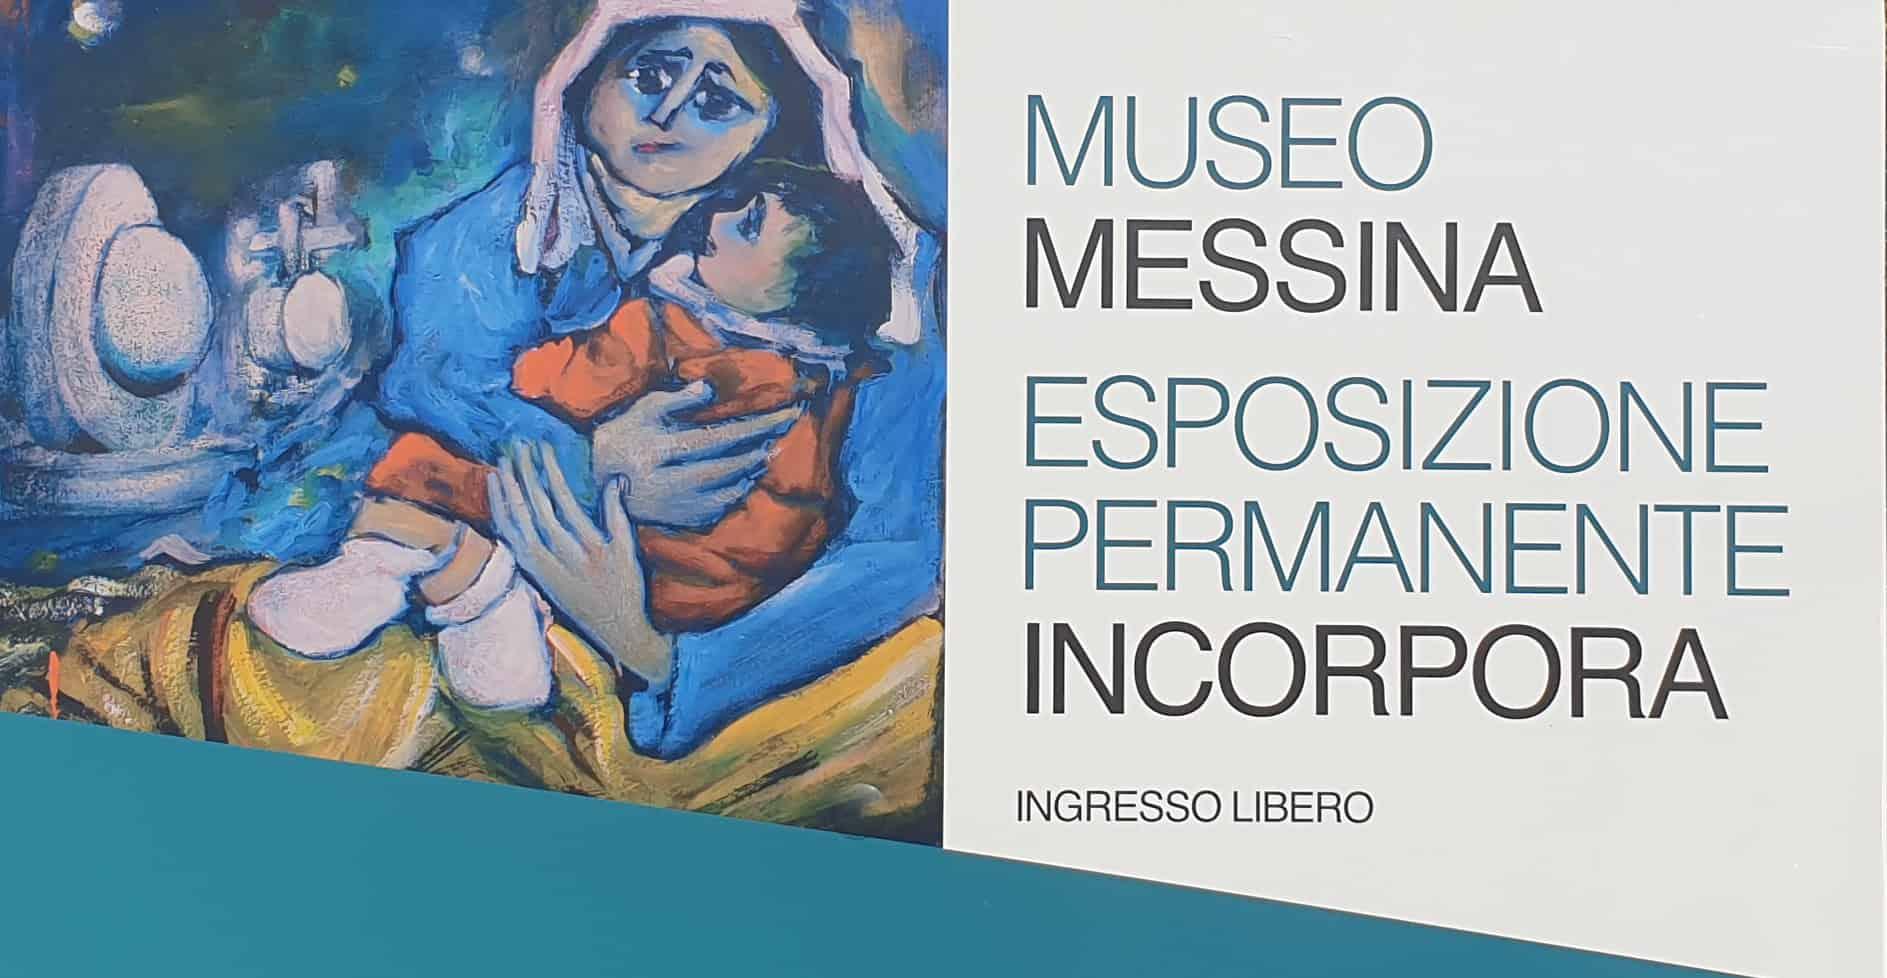 museo incorpora messina